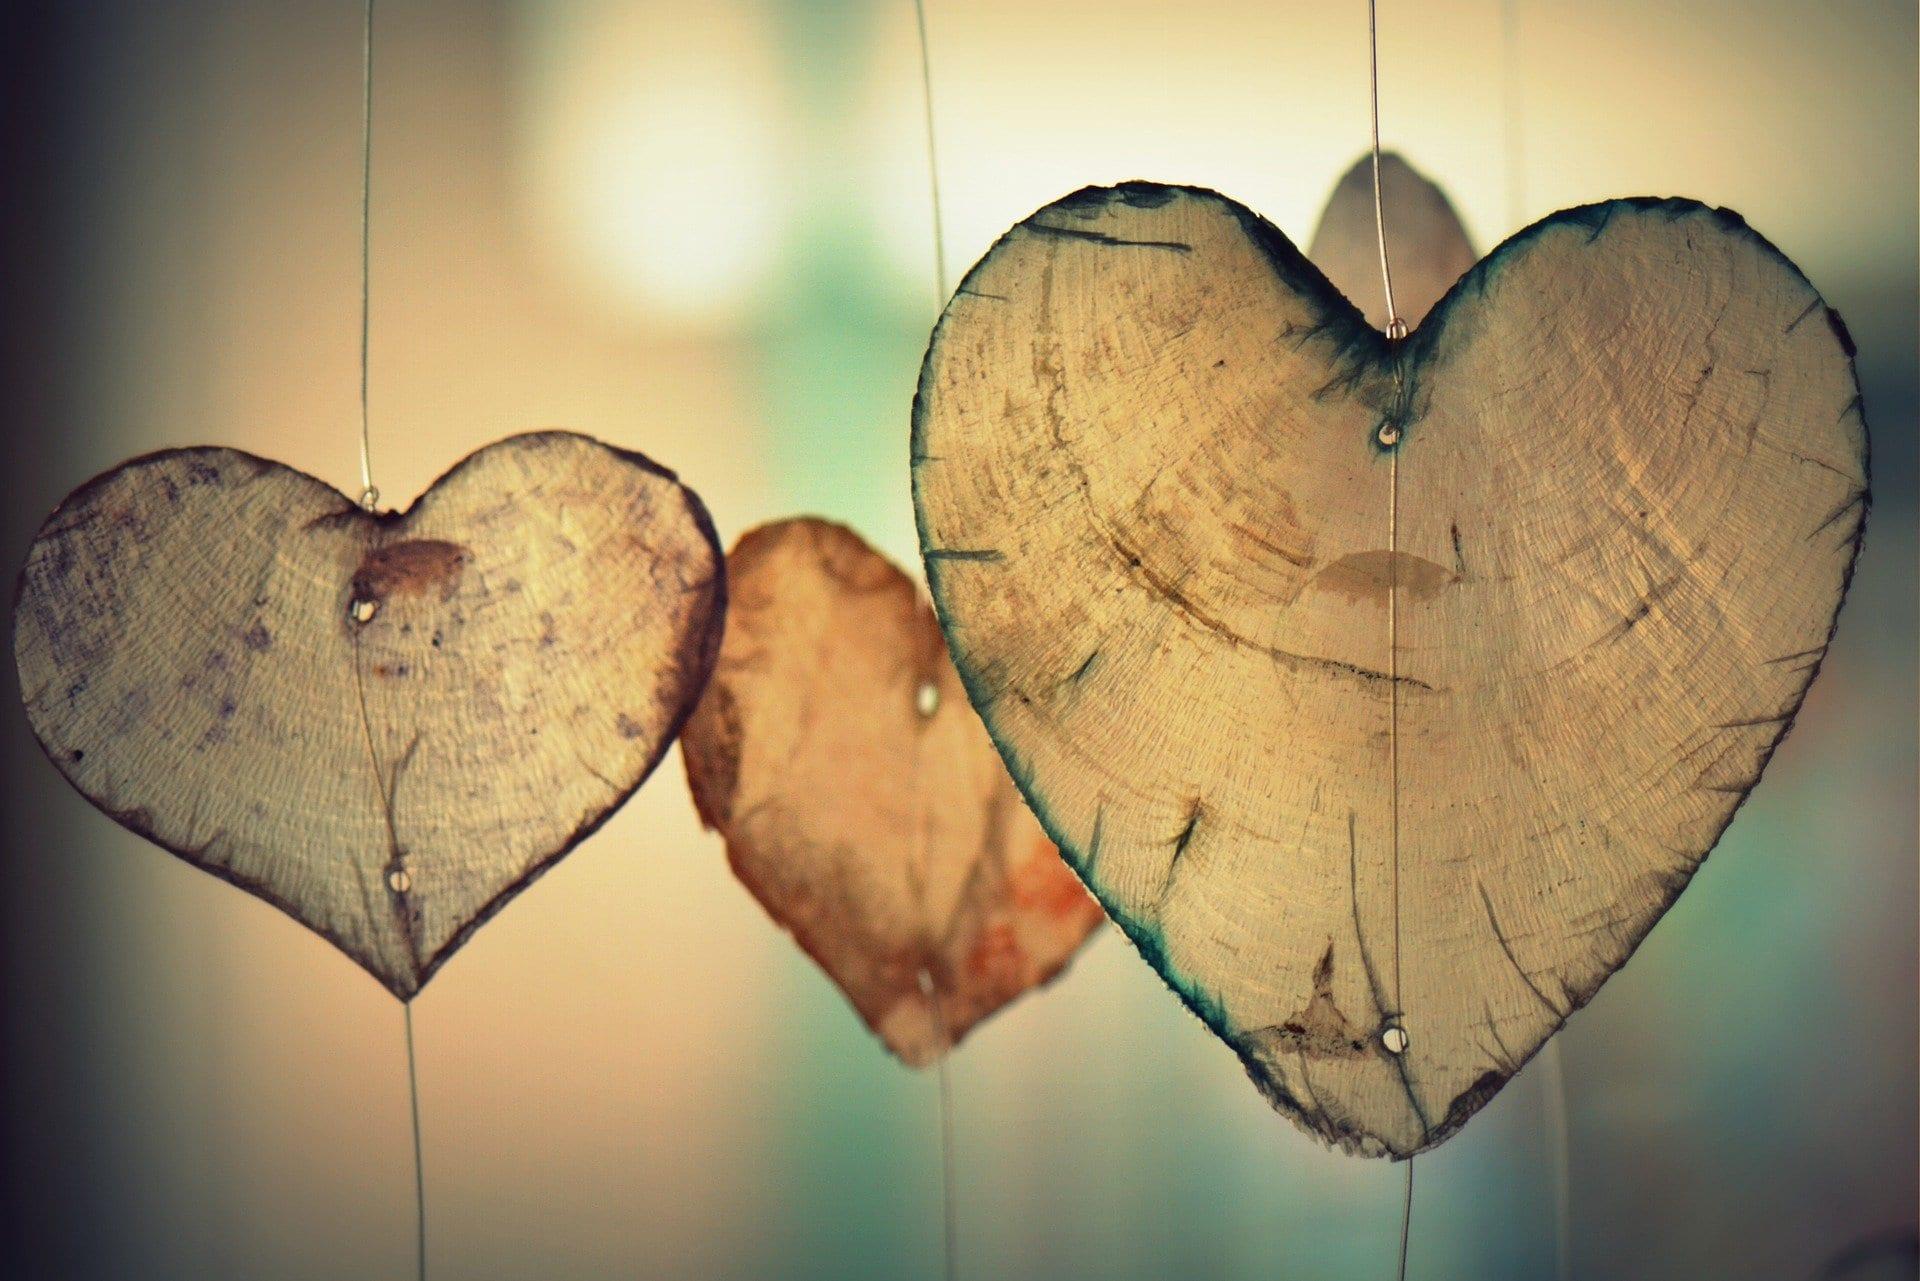 Un nuovo cuore artificiale potrebbe presto arrivare sul mercato